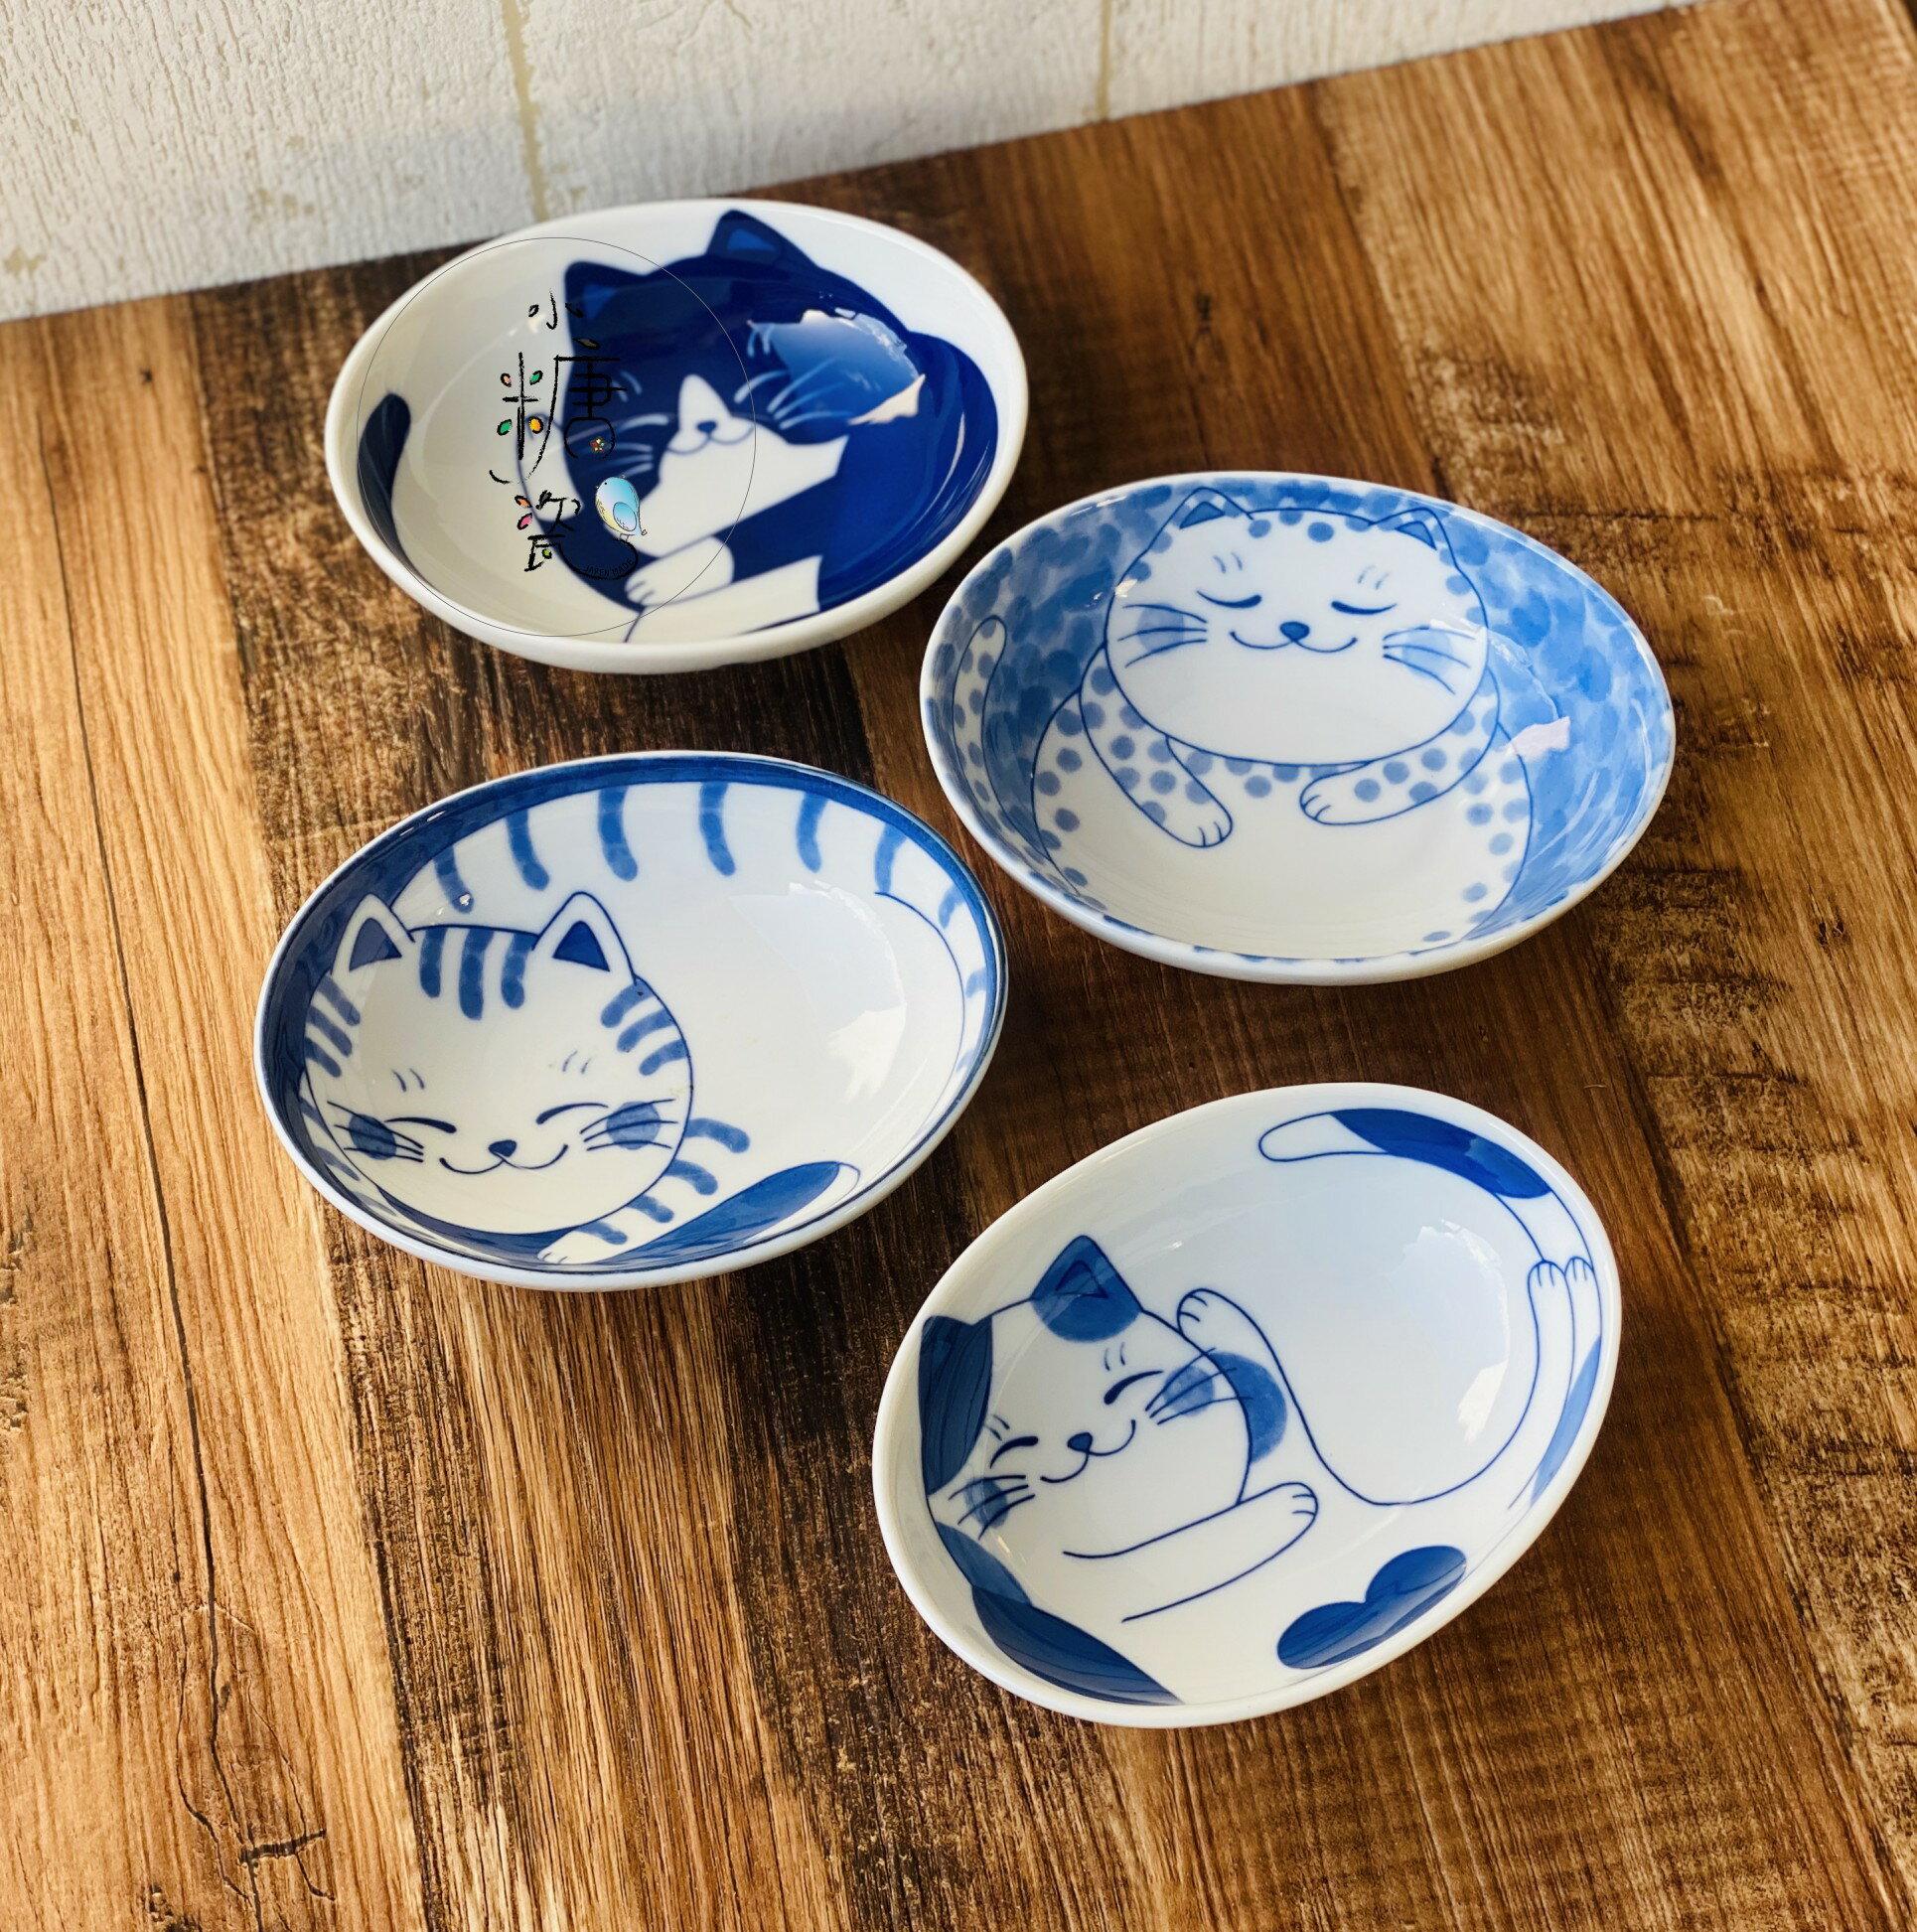 小糖瓷|日本製 窩窩喵系列之橢圓小鉢/小菜鉢/醬料小鉢